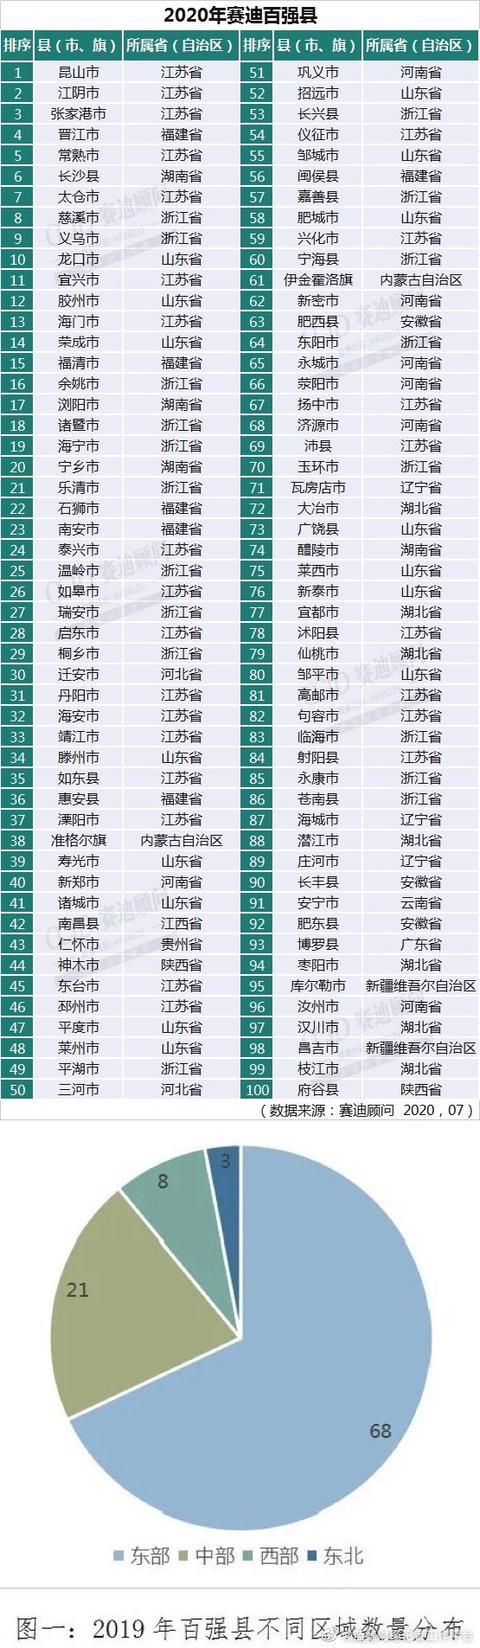 33个县GDP破千亿 2020中国百强县名单江苏25